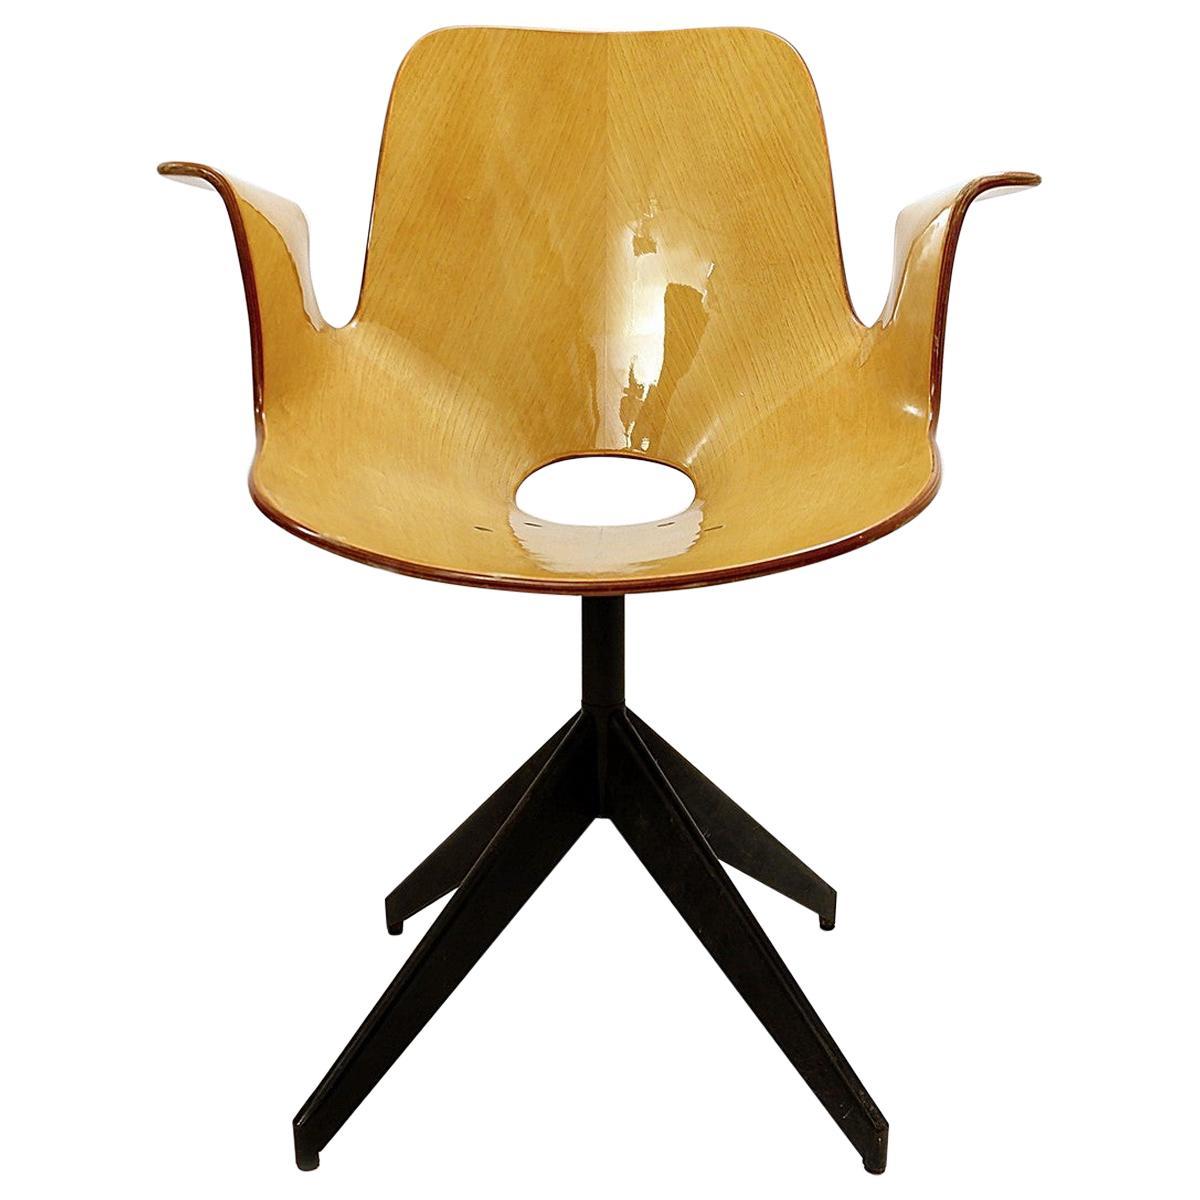 Swivel Chair 'Medea' by Vittorio Nobili for Fratelli Tagliabue, 1950s